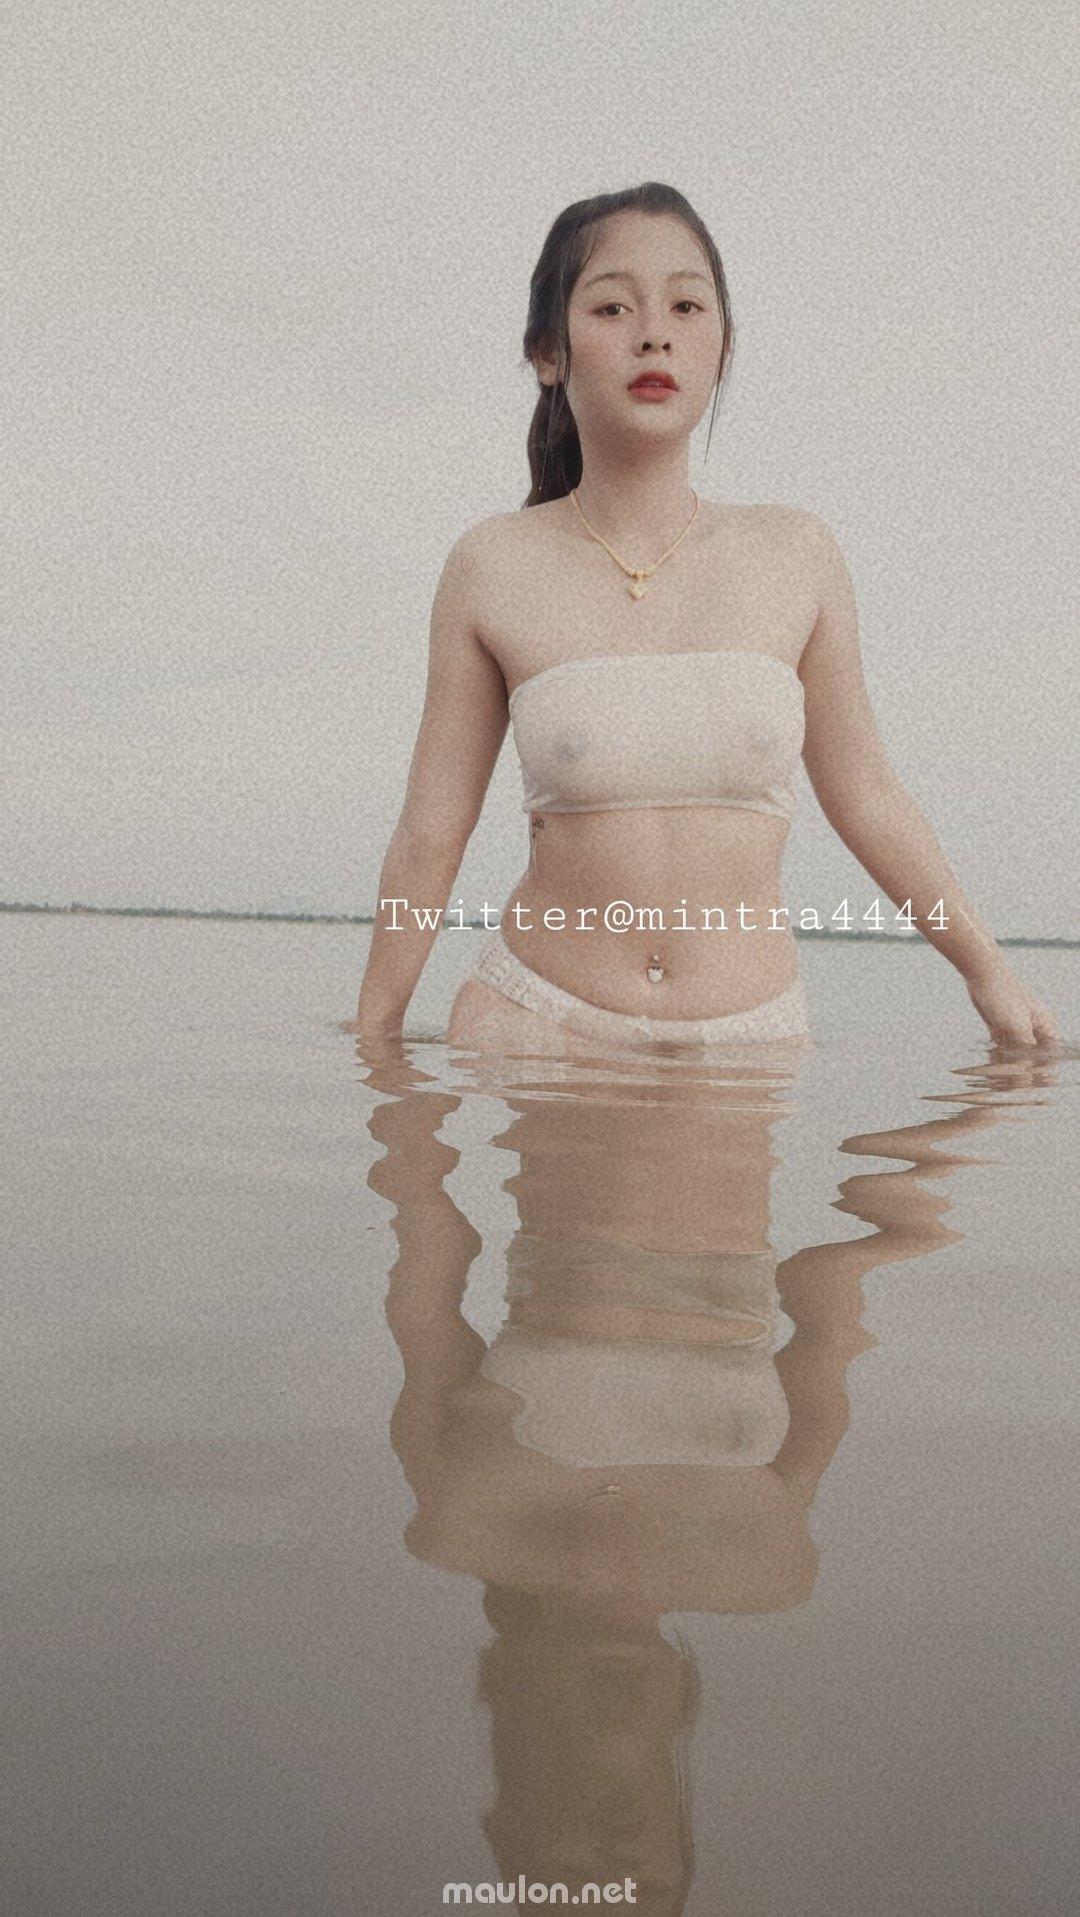 MauLon.Net - Ảnh sex trong em nước lồn là biển rộng